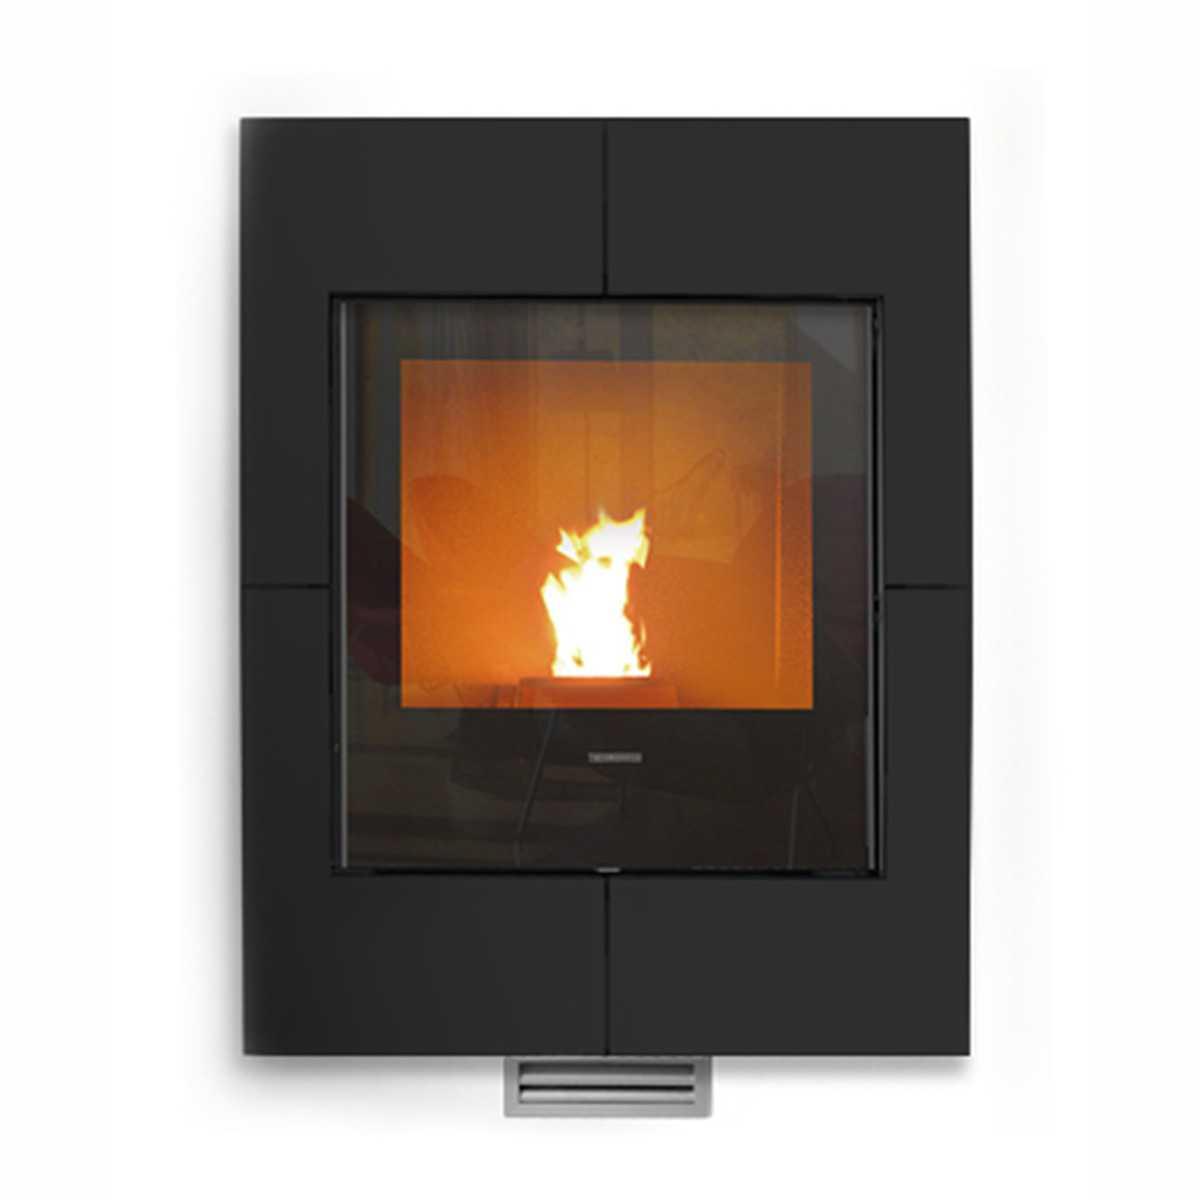 Termocamino a pellet Thermorossi Insert Idra Maxi cornice cristallo nero 26,40 kW